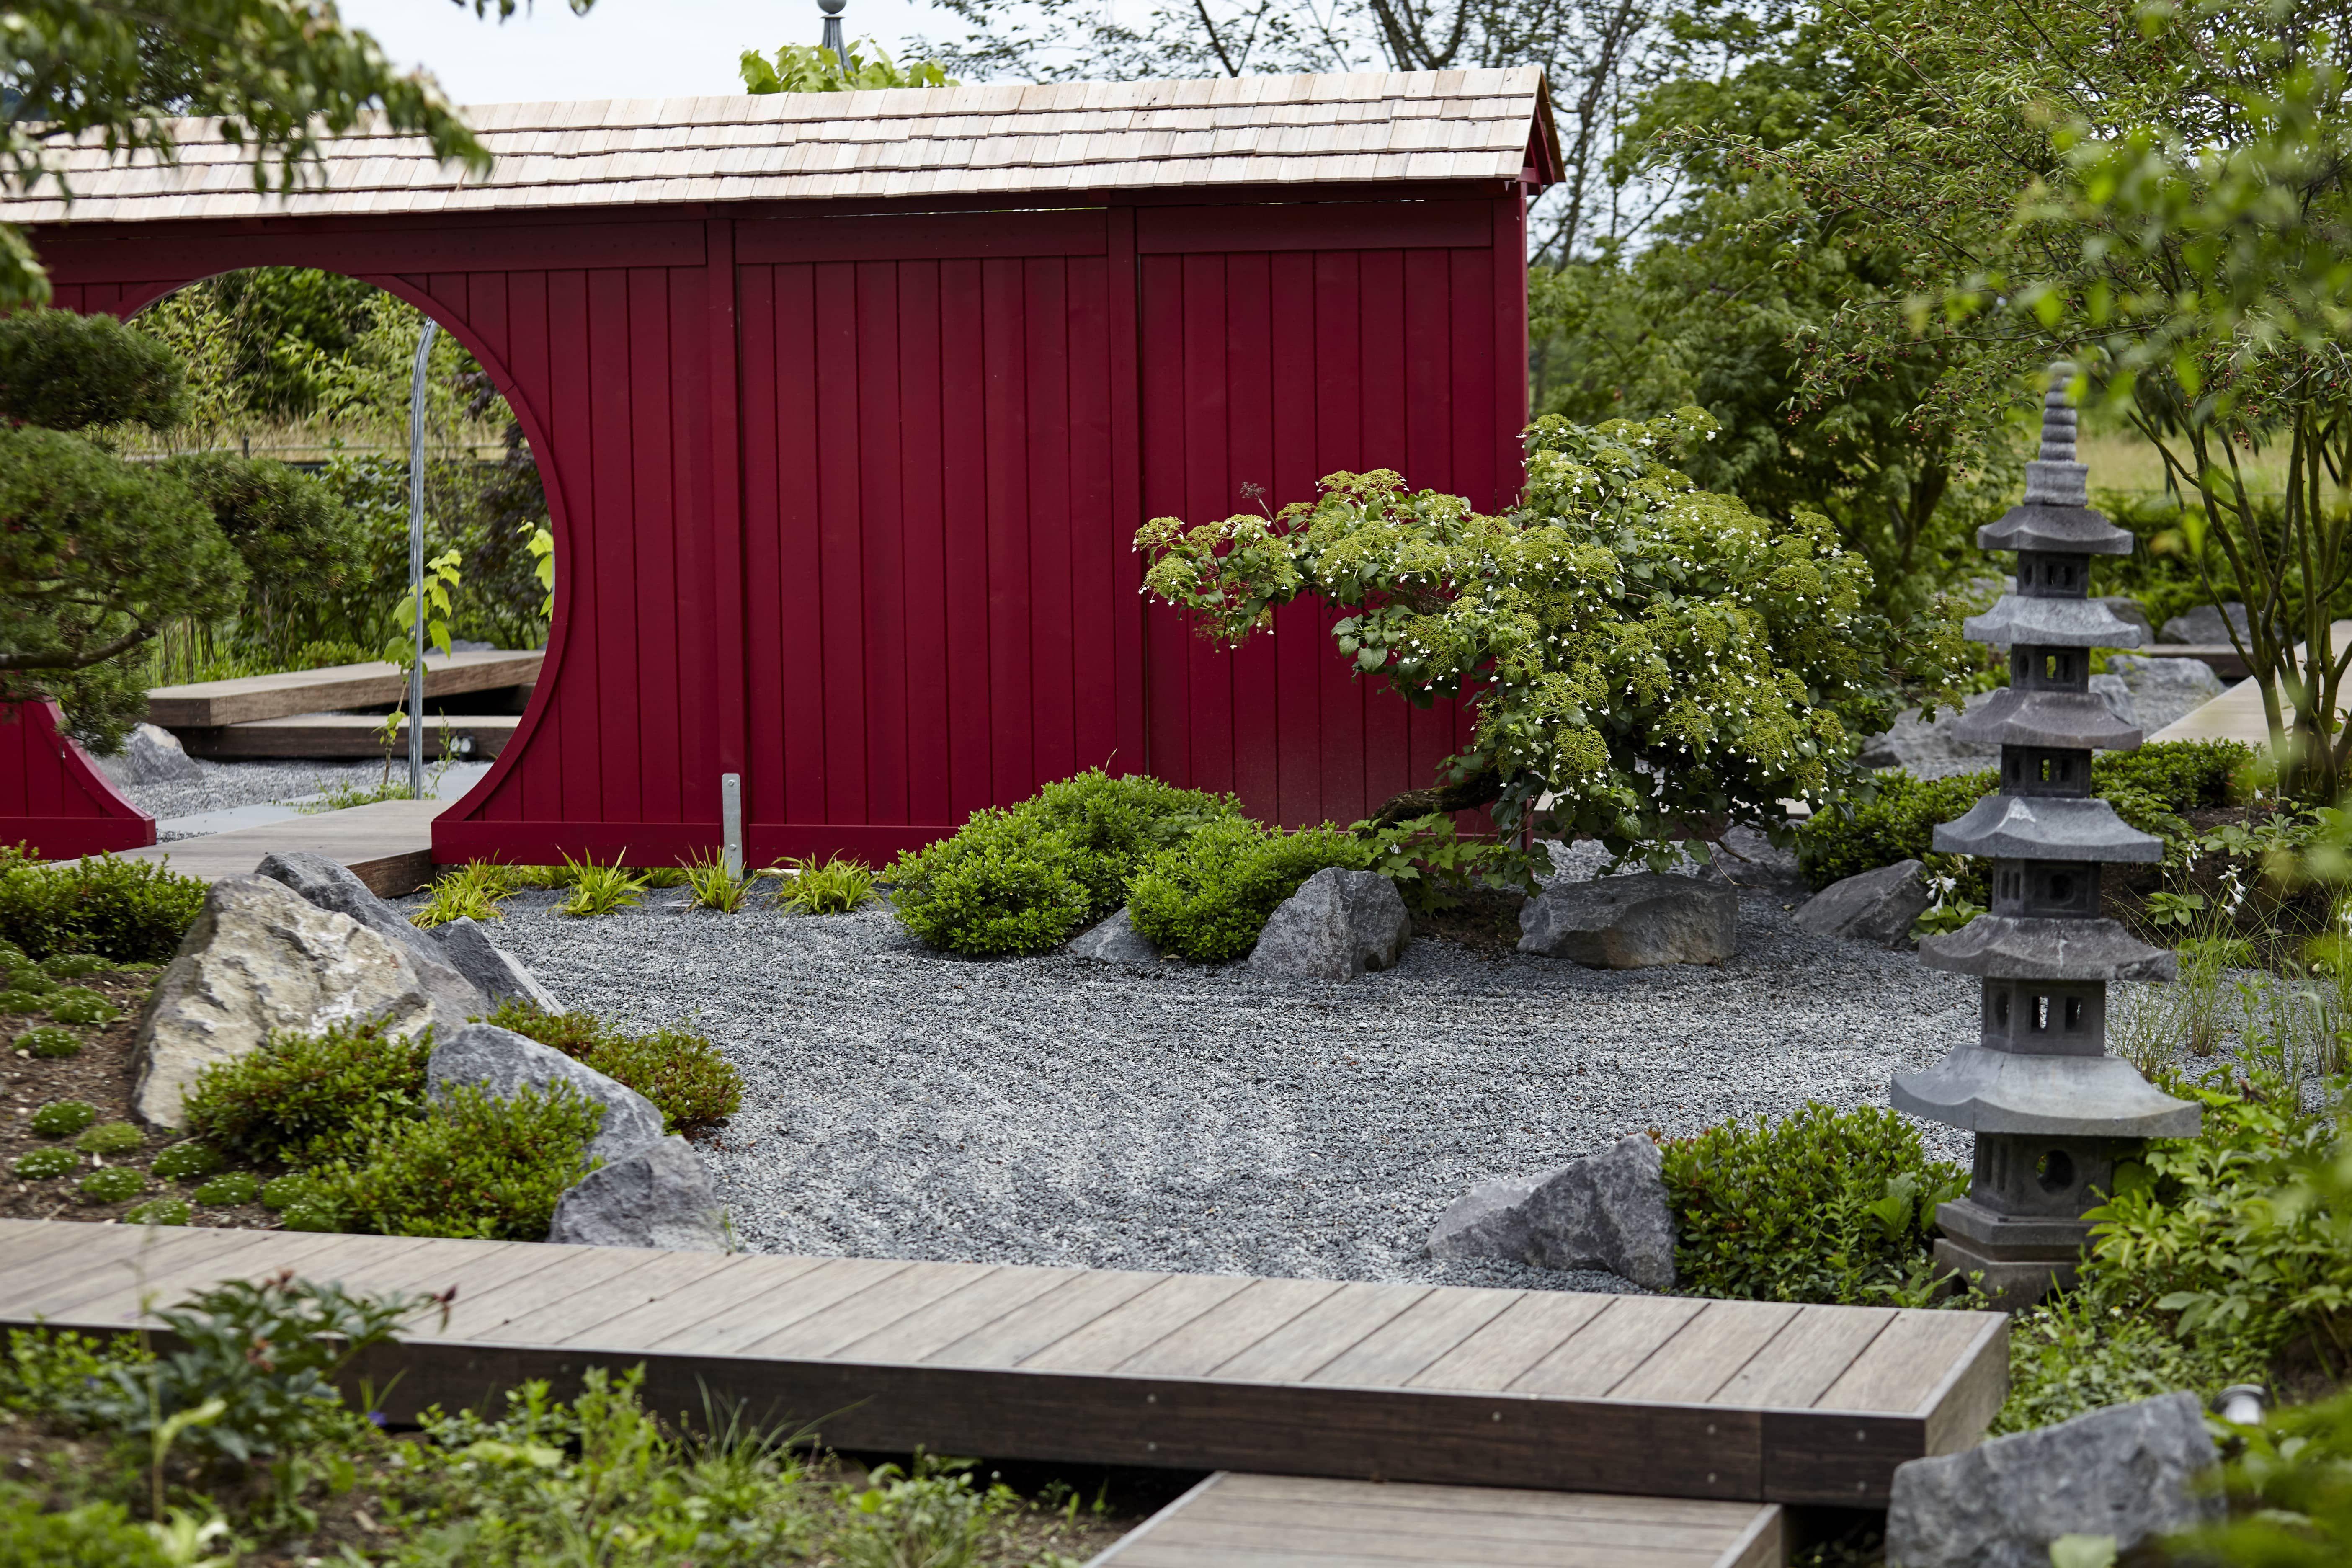 Leben Im Japanischen Garten Von Rheingrun Mit Bildern Japanische Gartenpflanzen Garten Japanischer Garten